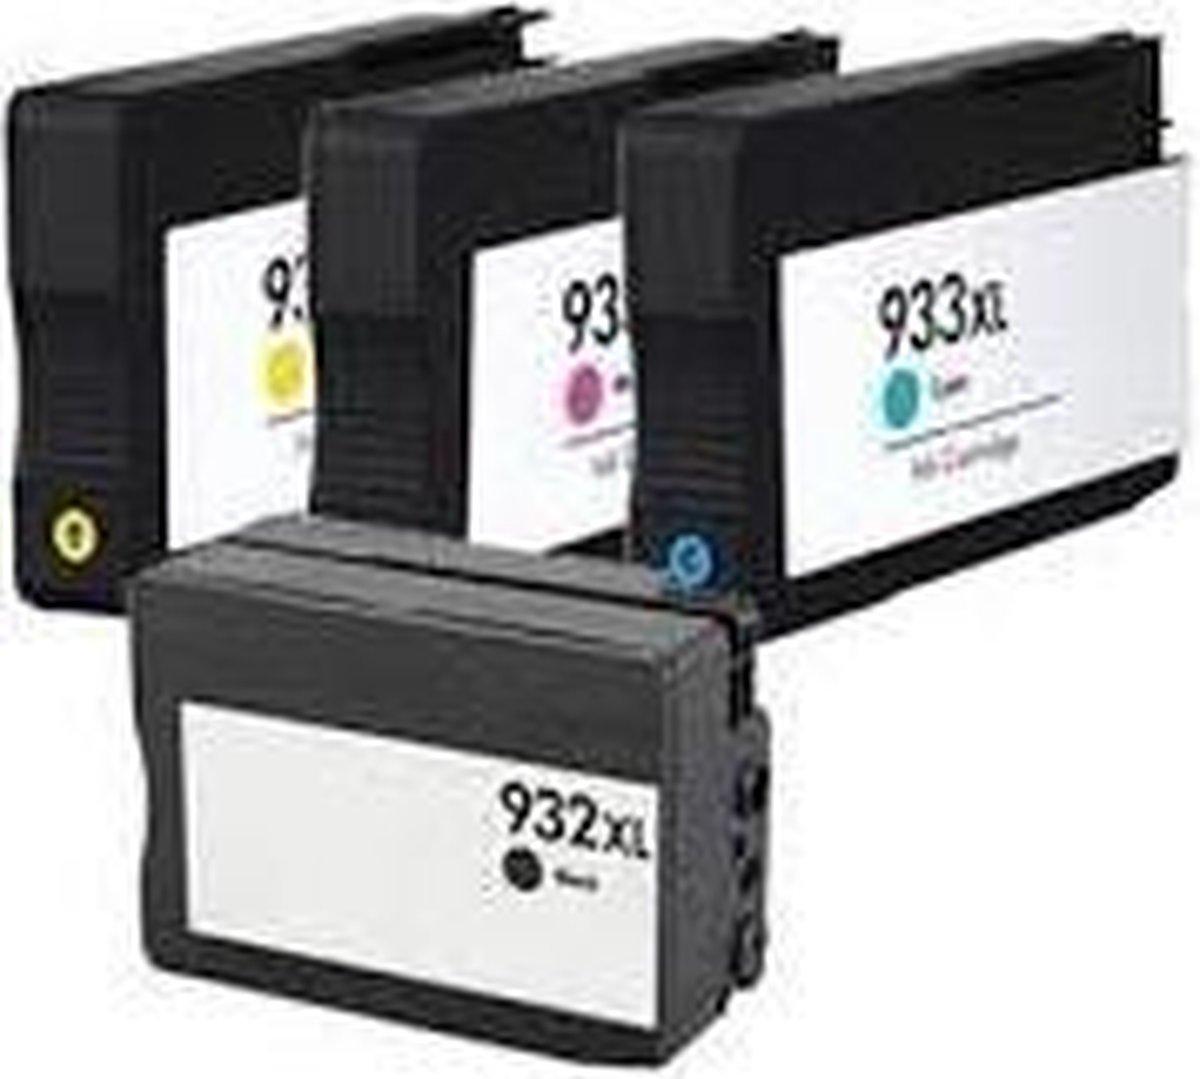 Merkloos – Inktcartridge / Alternatief voor de HP 932XL / 933XL - Inktcartridge - ActiveJet